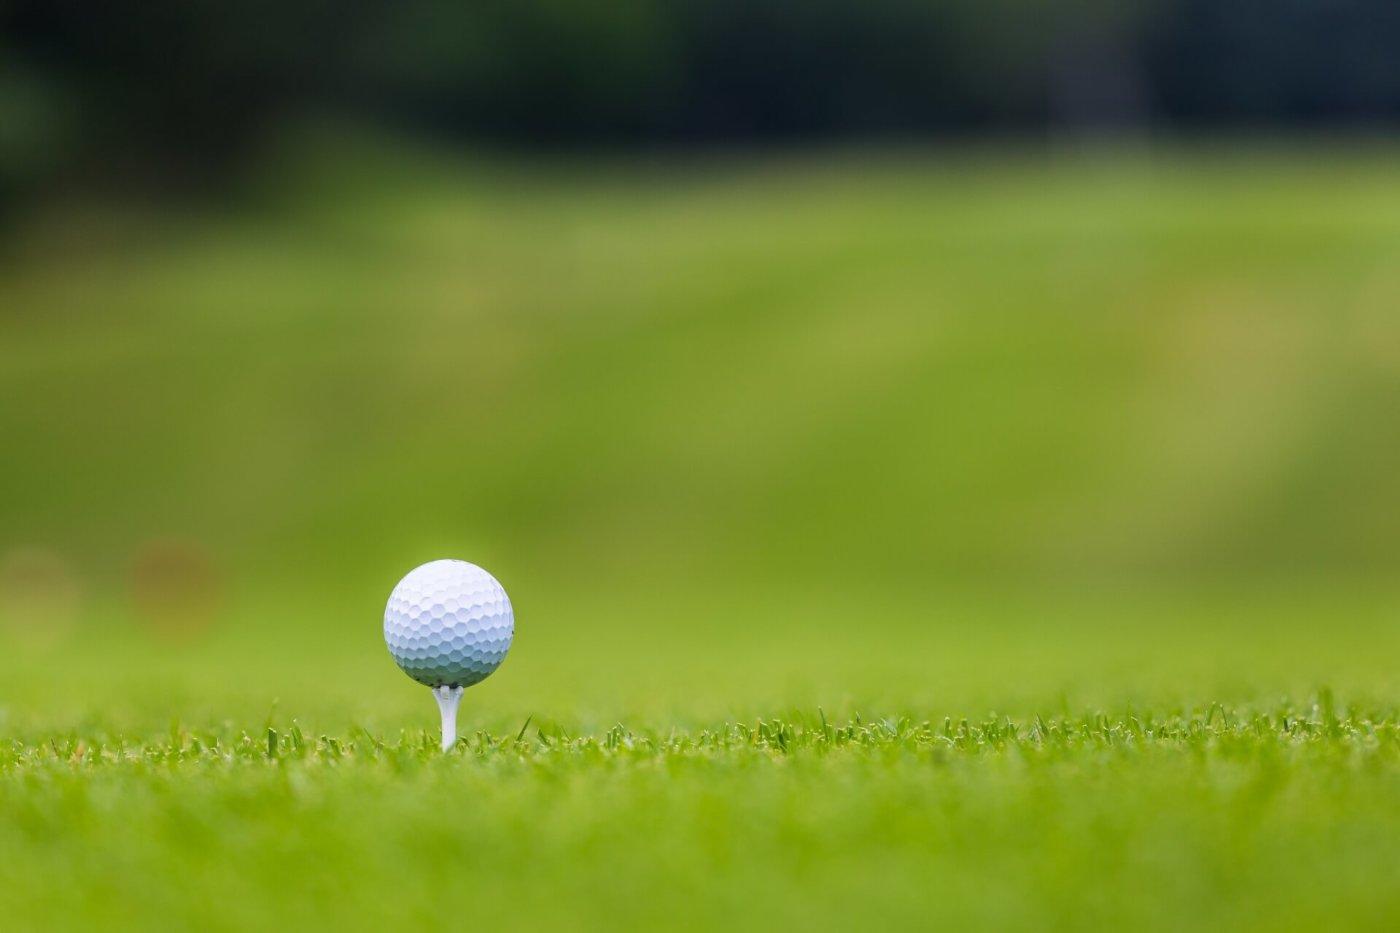 知っているようで実は知らない、ゴルフのティーについて紹介